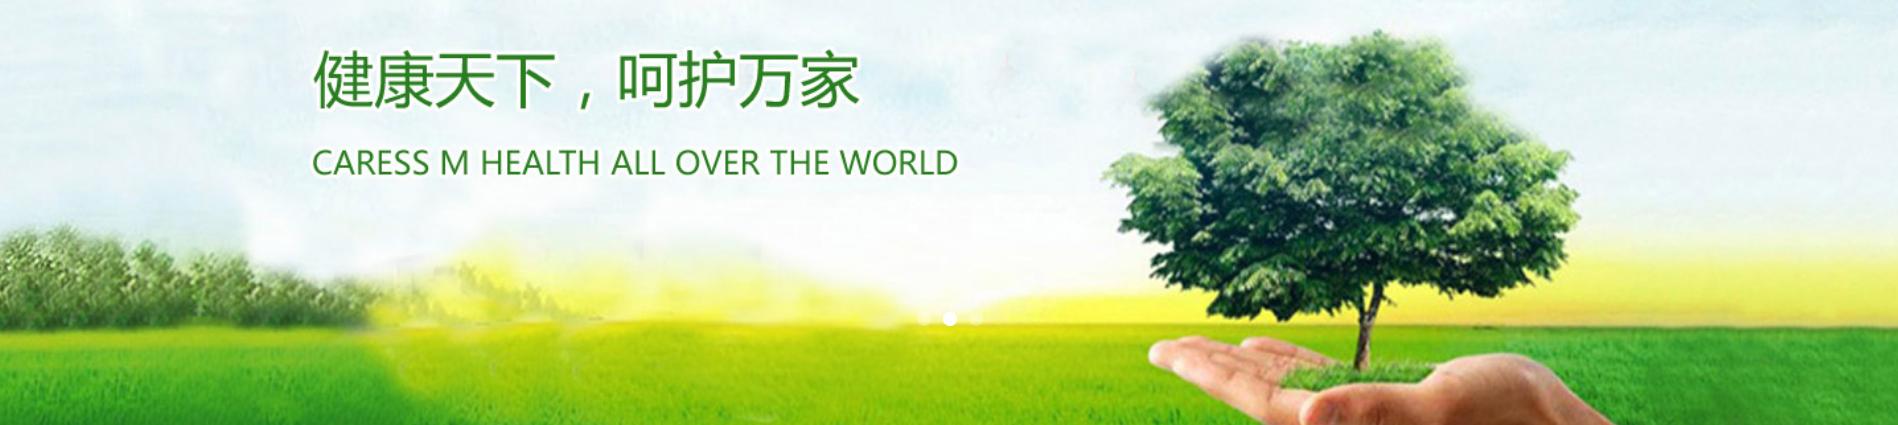 徐州品源电子科技有限公司